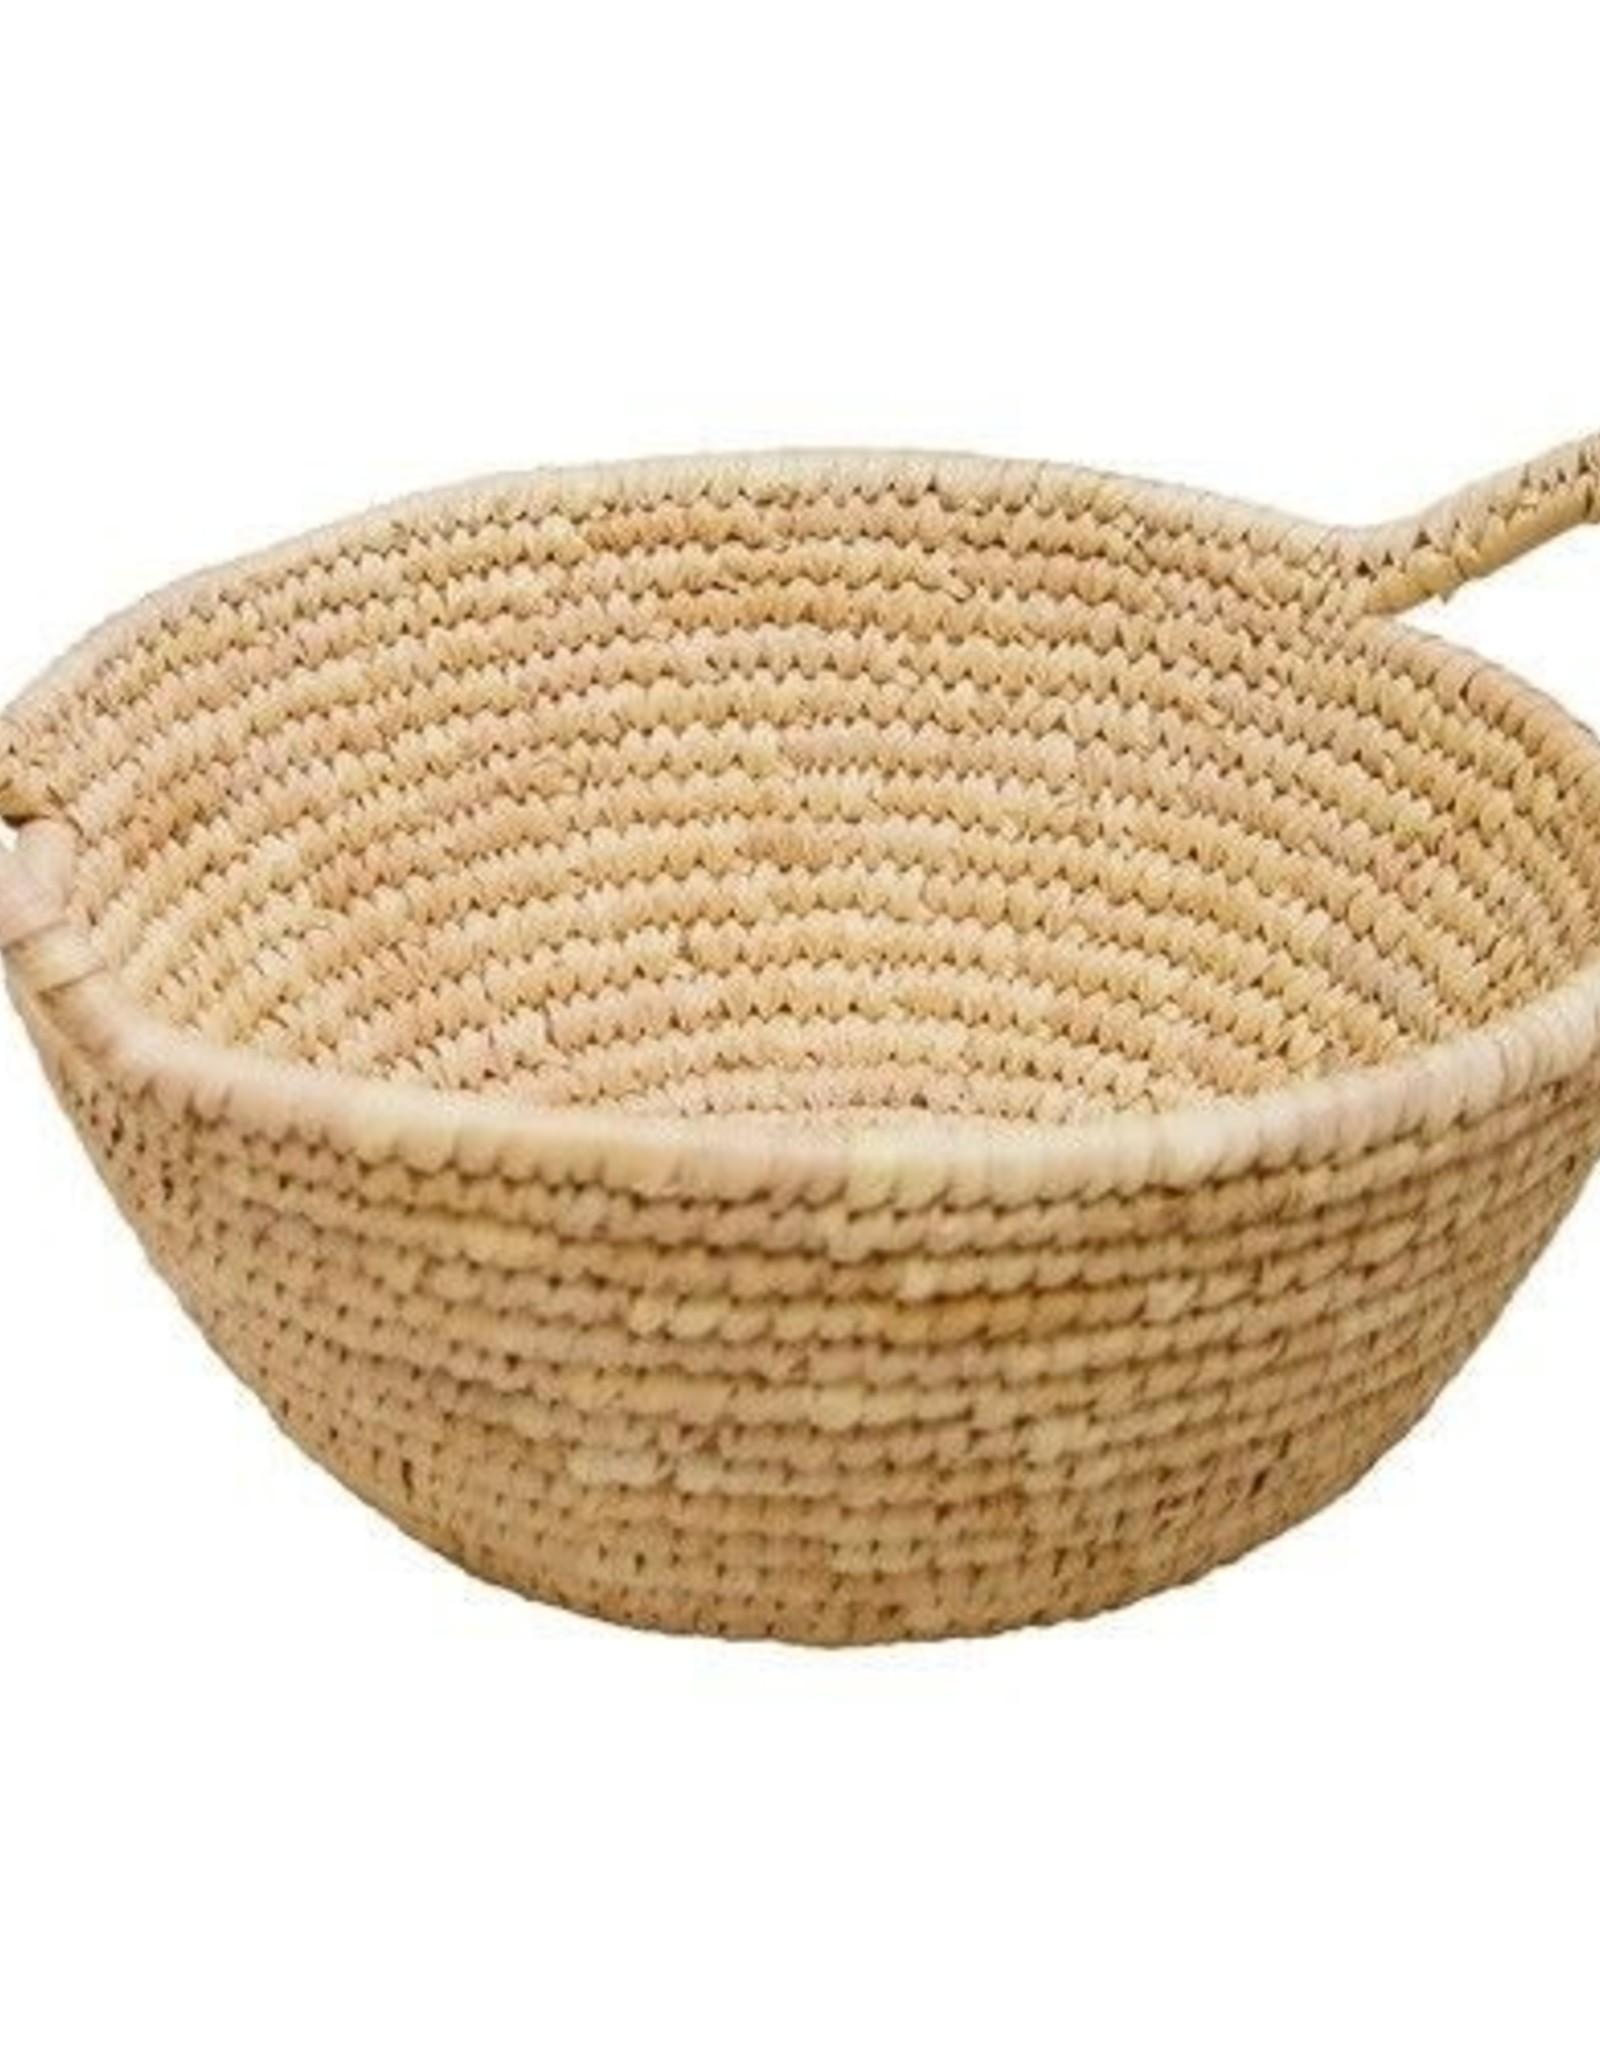 Oval Date Palm Basket